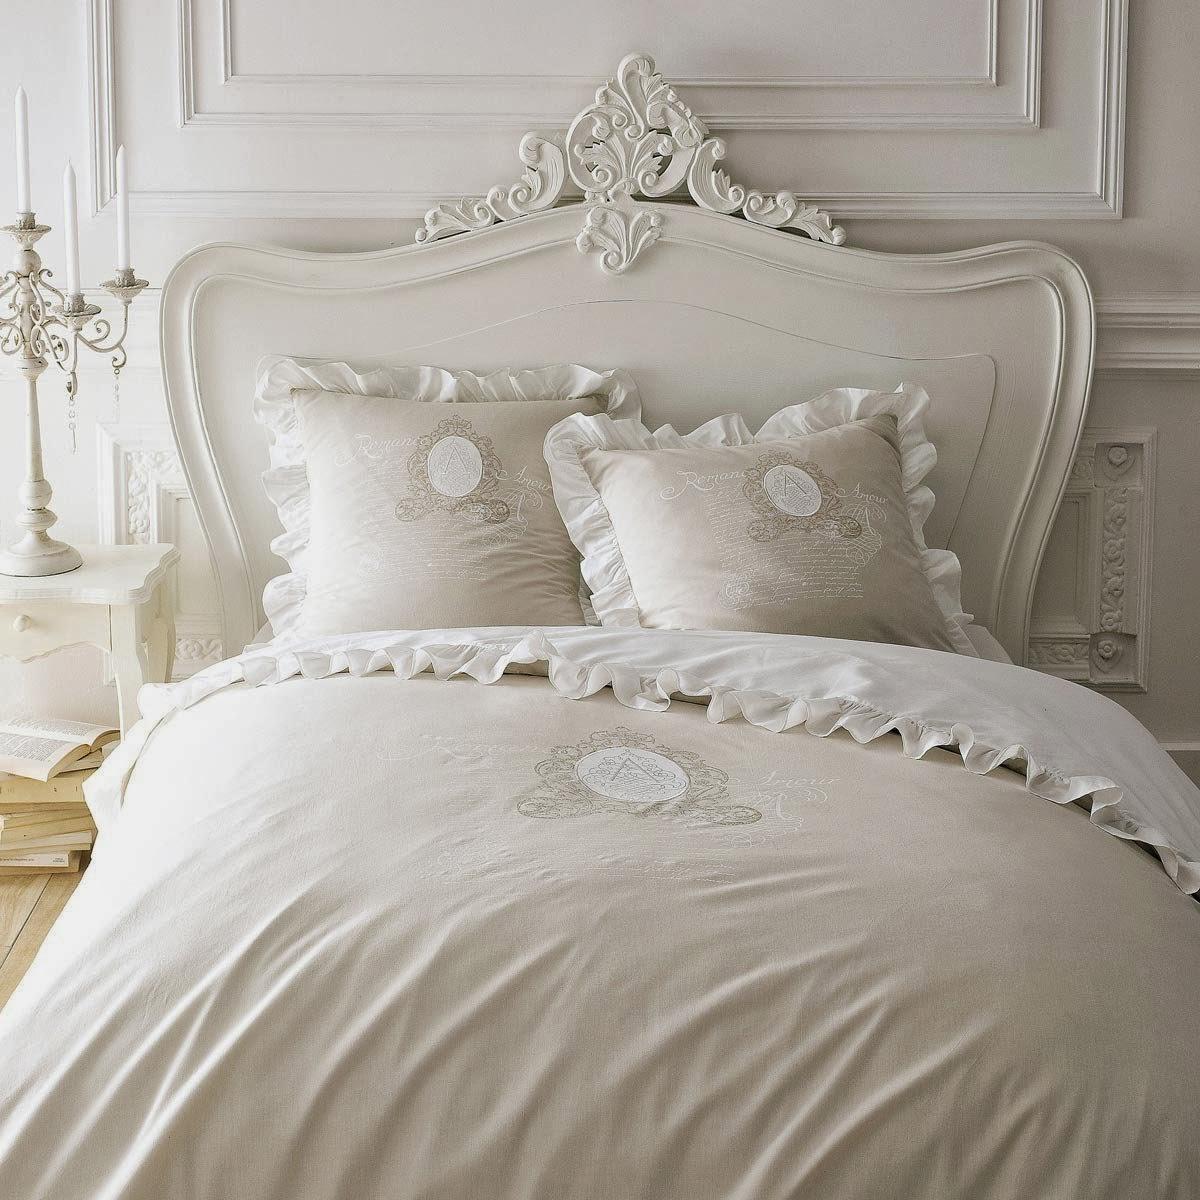 My Life Style: Camere da letto:delicate nuance dal beige al grigio